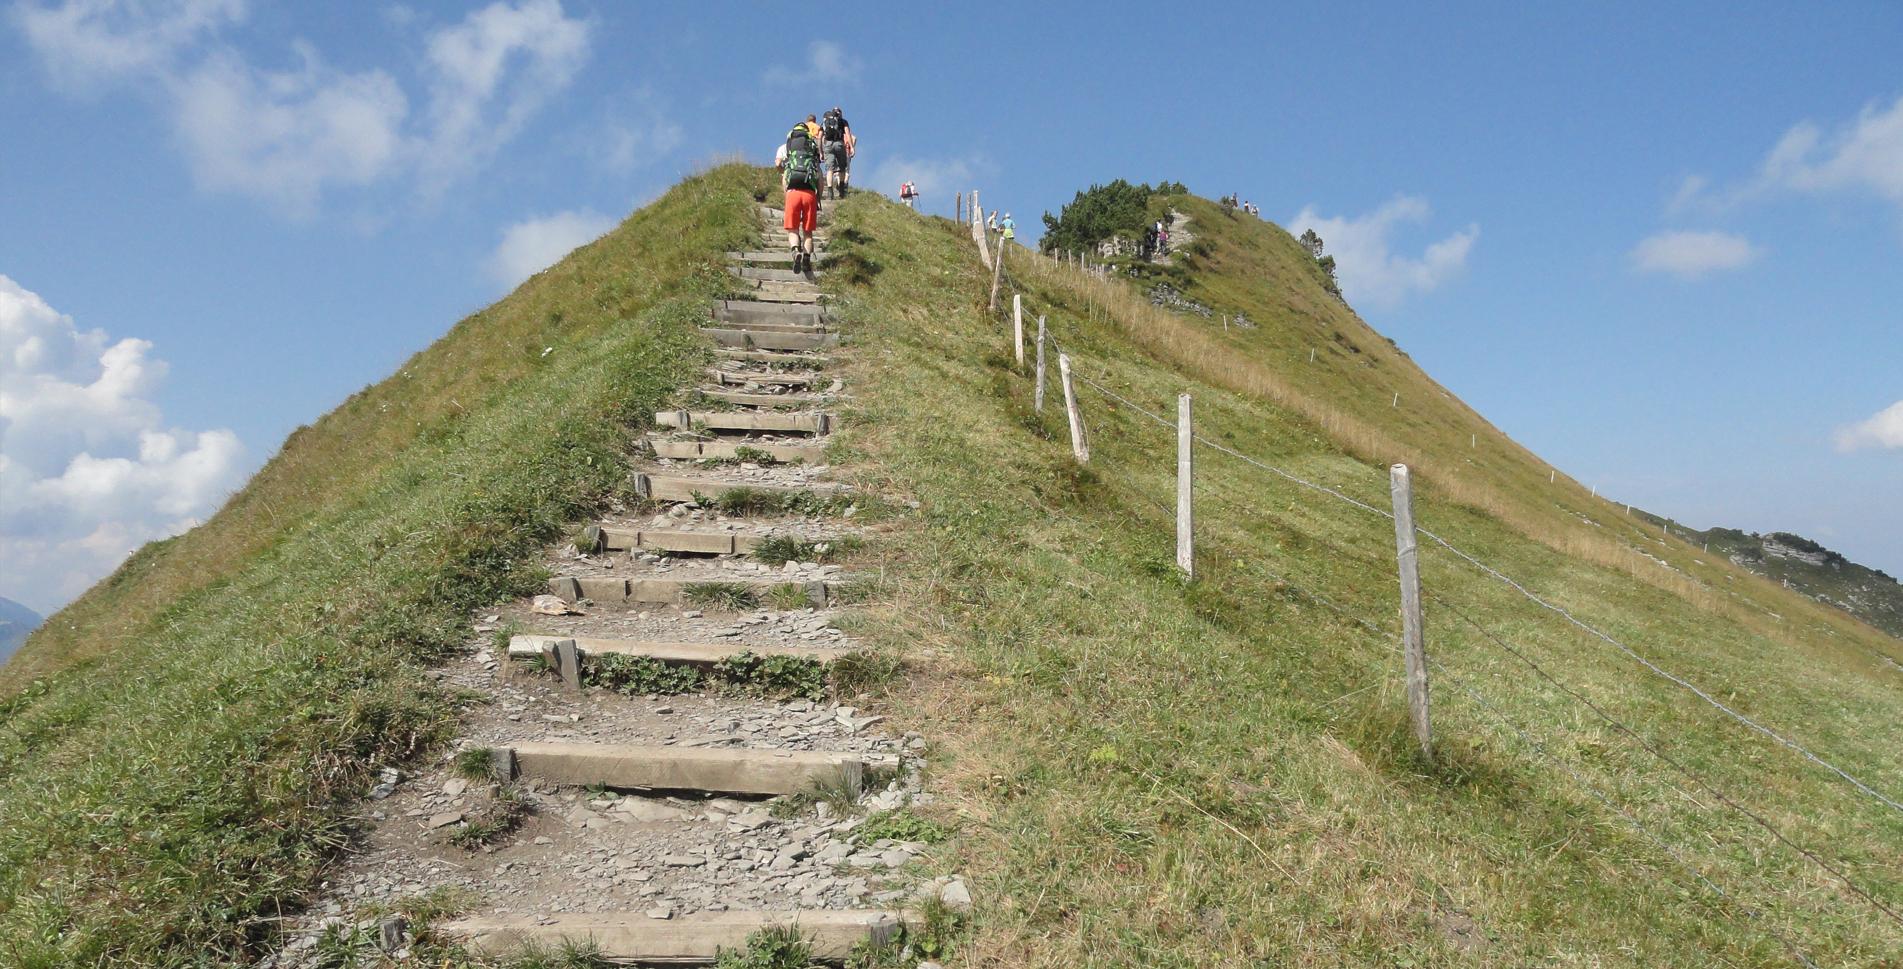 Stoos: Gratwanderung vom Klingenstock zum Fronalpstock